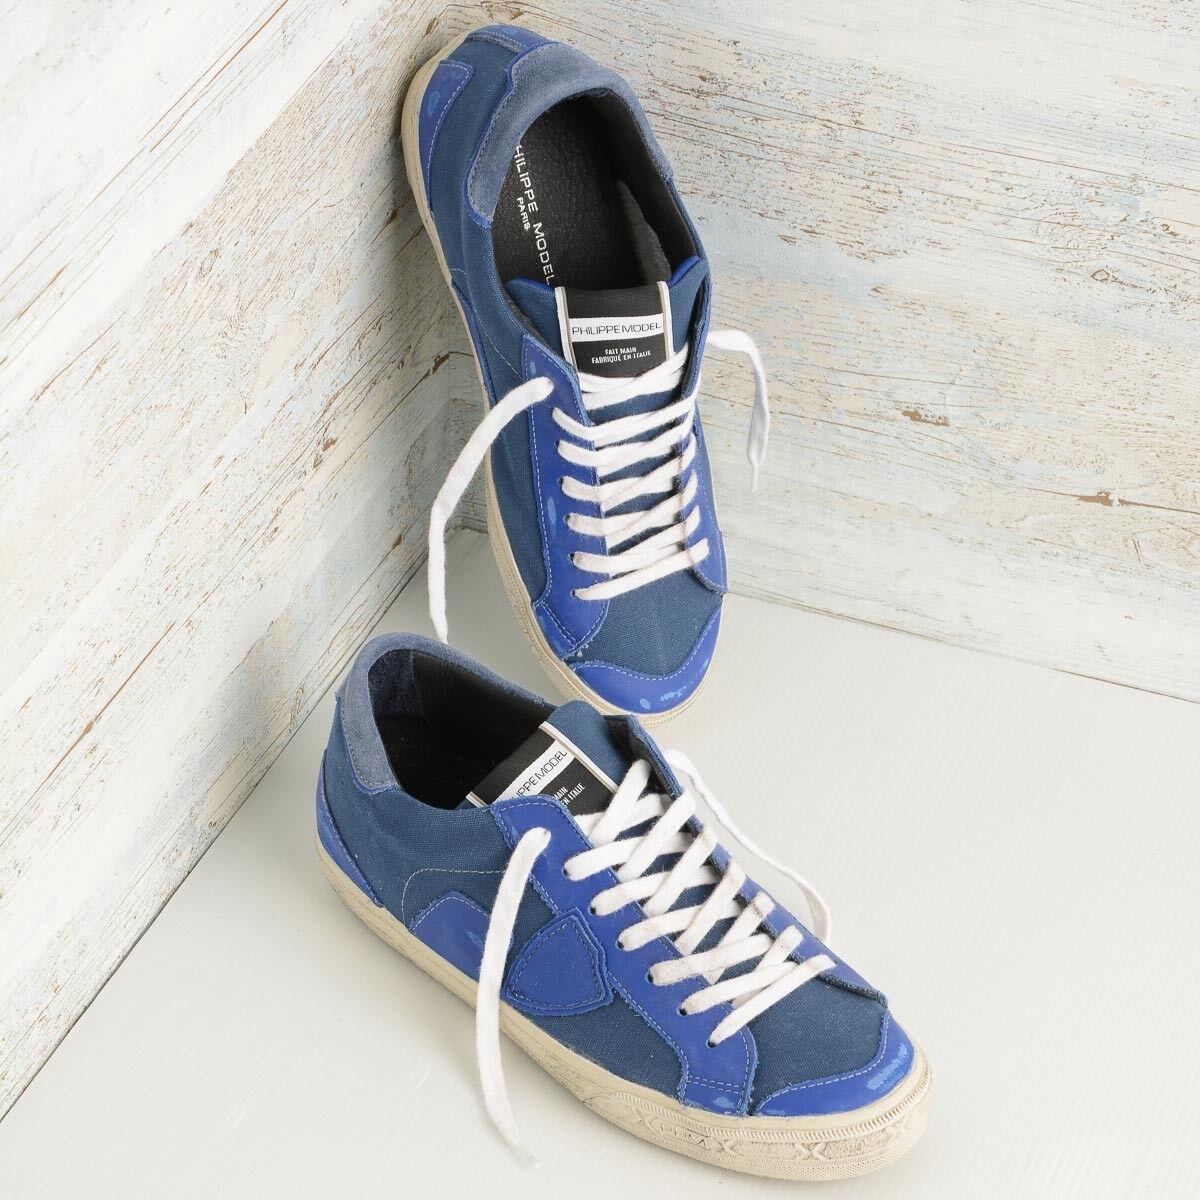 Sneaker Model uomo in Canvas Philippe Model Sneaker Bercy BELU CW06, taglia 42 21c395